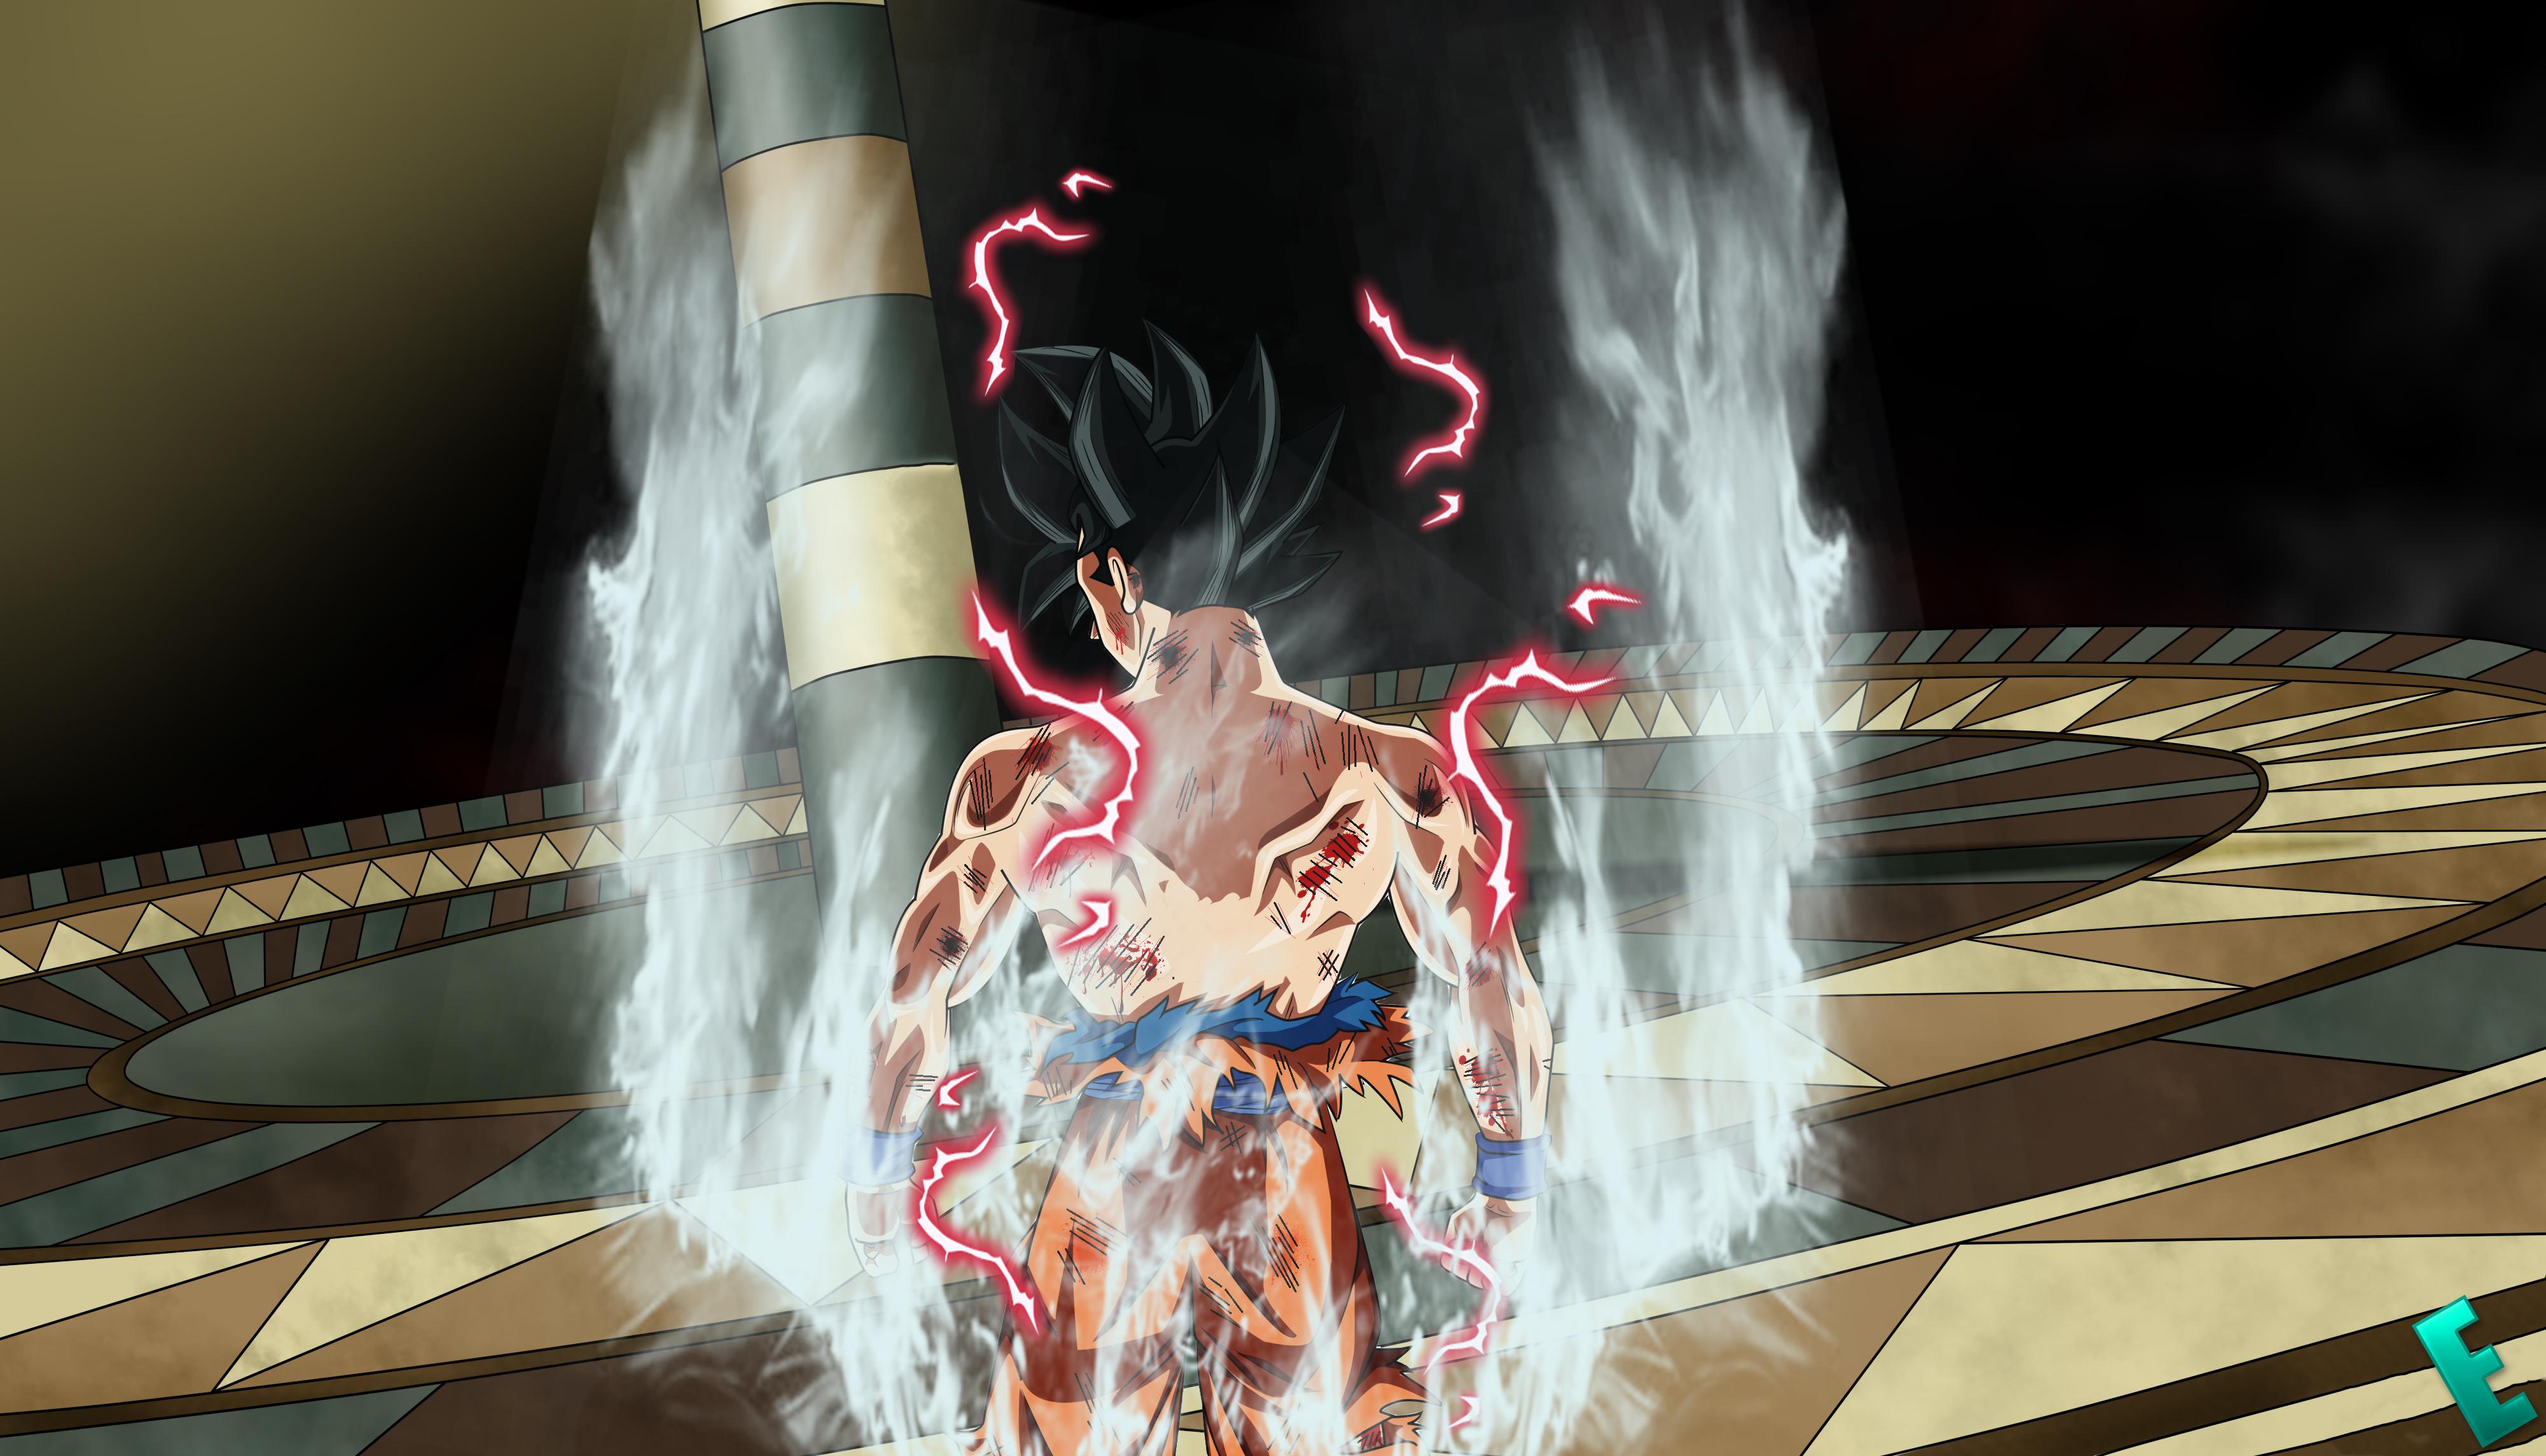 Los Mejores Fondos De Pantalla De Goku Migatte No Gokui Hd: Goku Migate No Gokui 4k Ultra Fondo De Pantalla HD